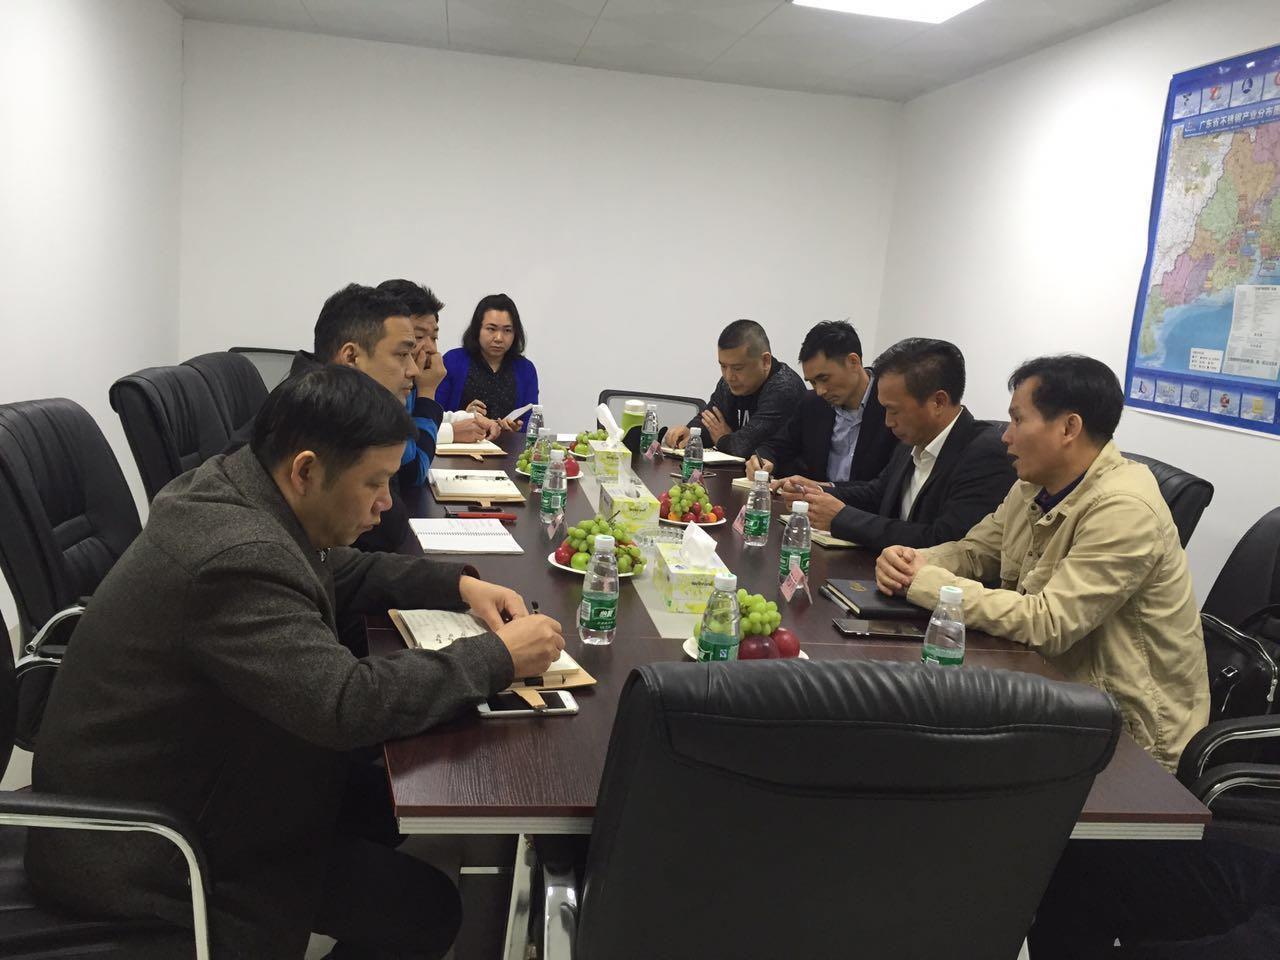 【工作会议】政企交流--陈村镇经促局到访协会